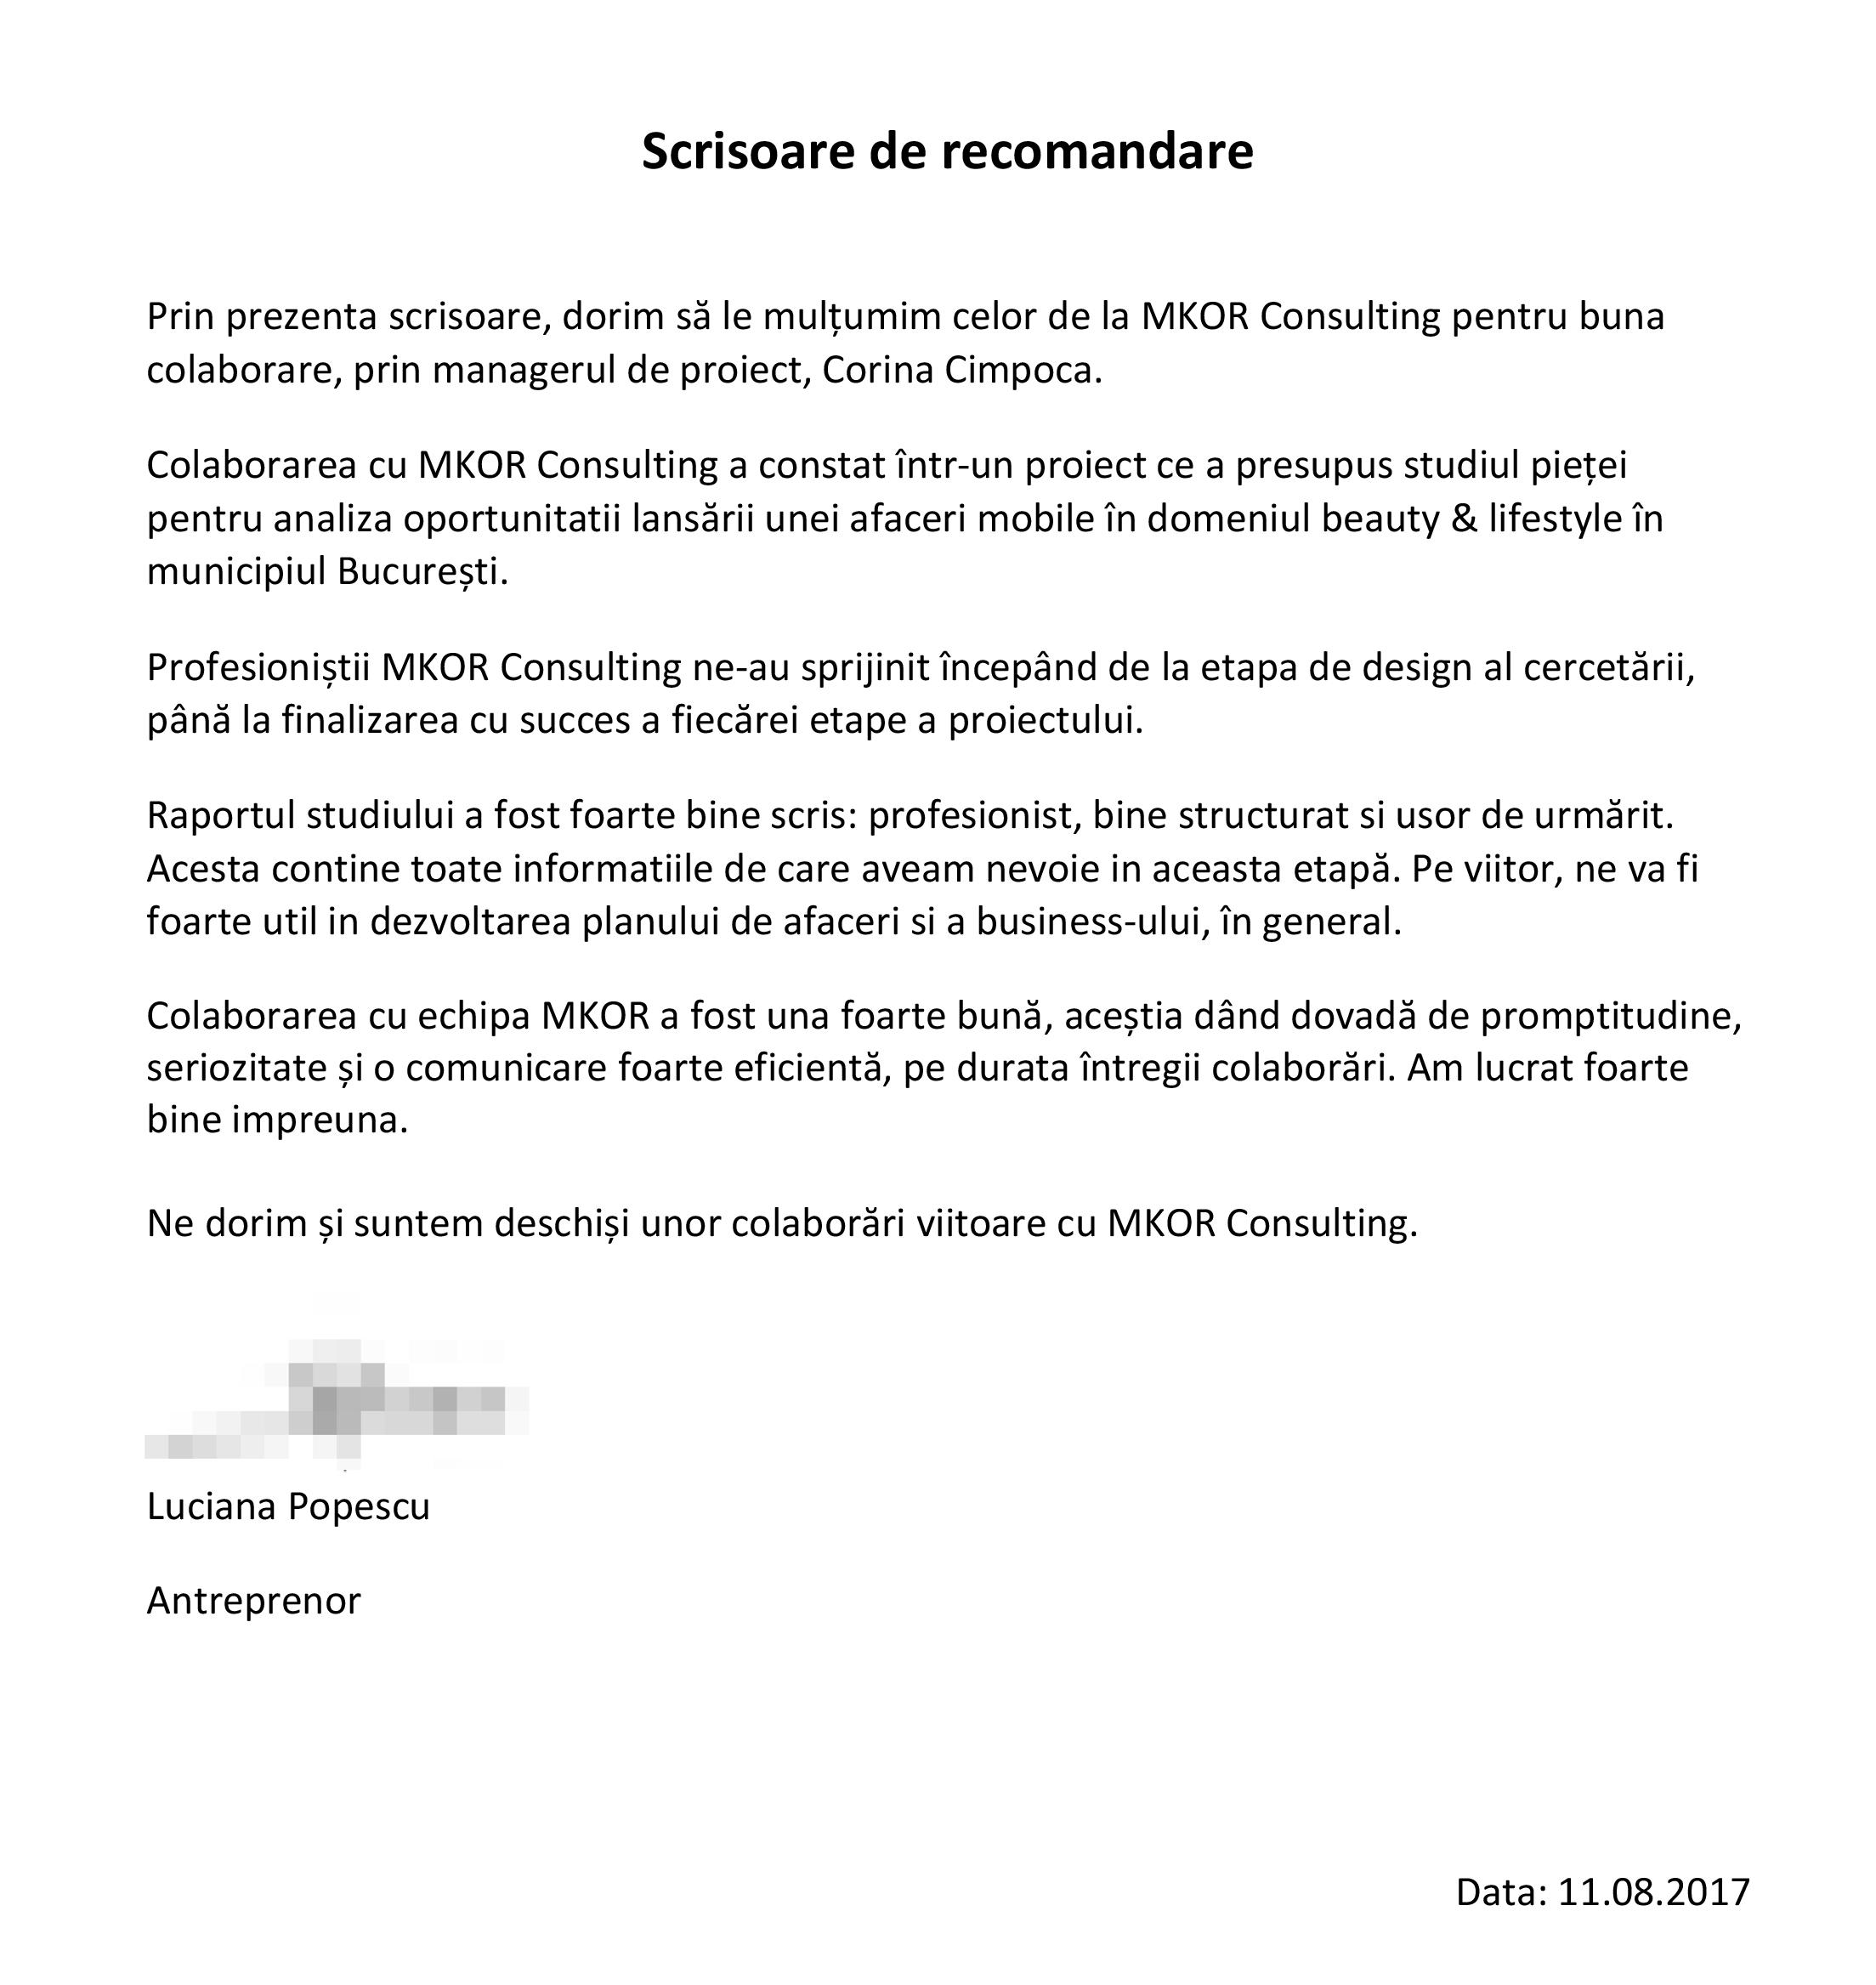 recomandare-luciana-popescu